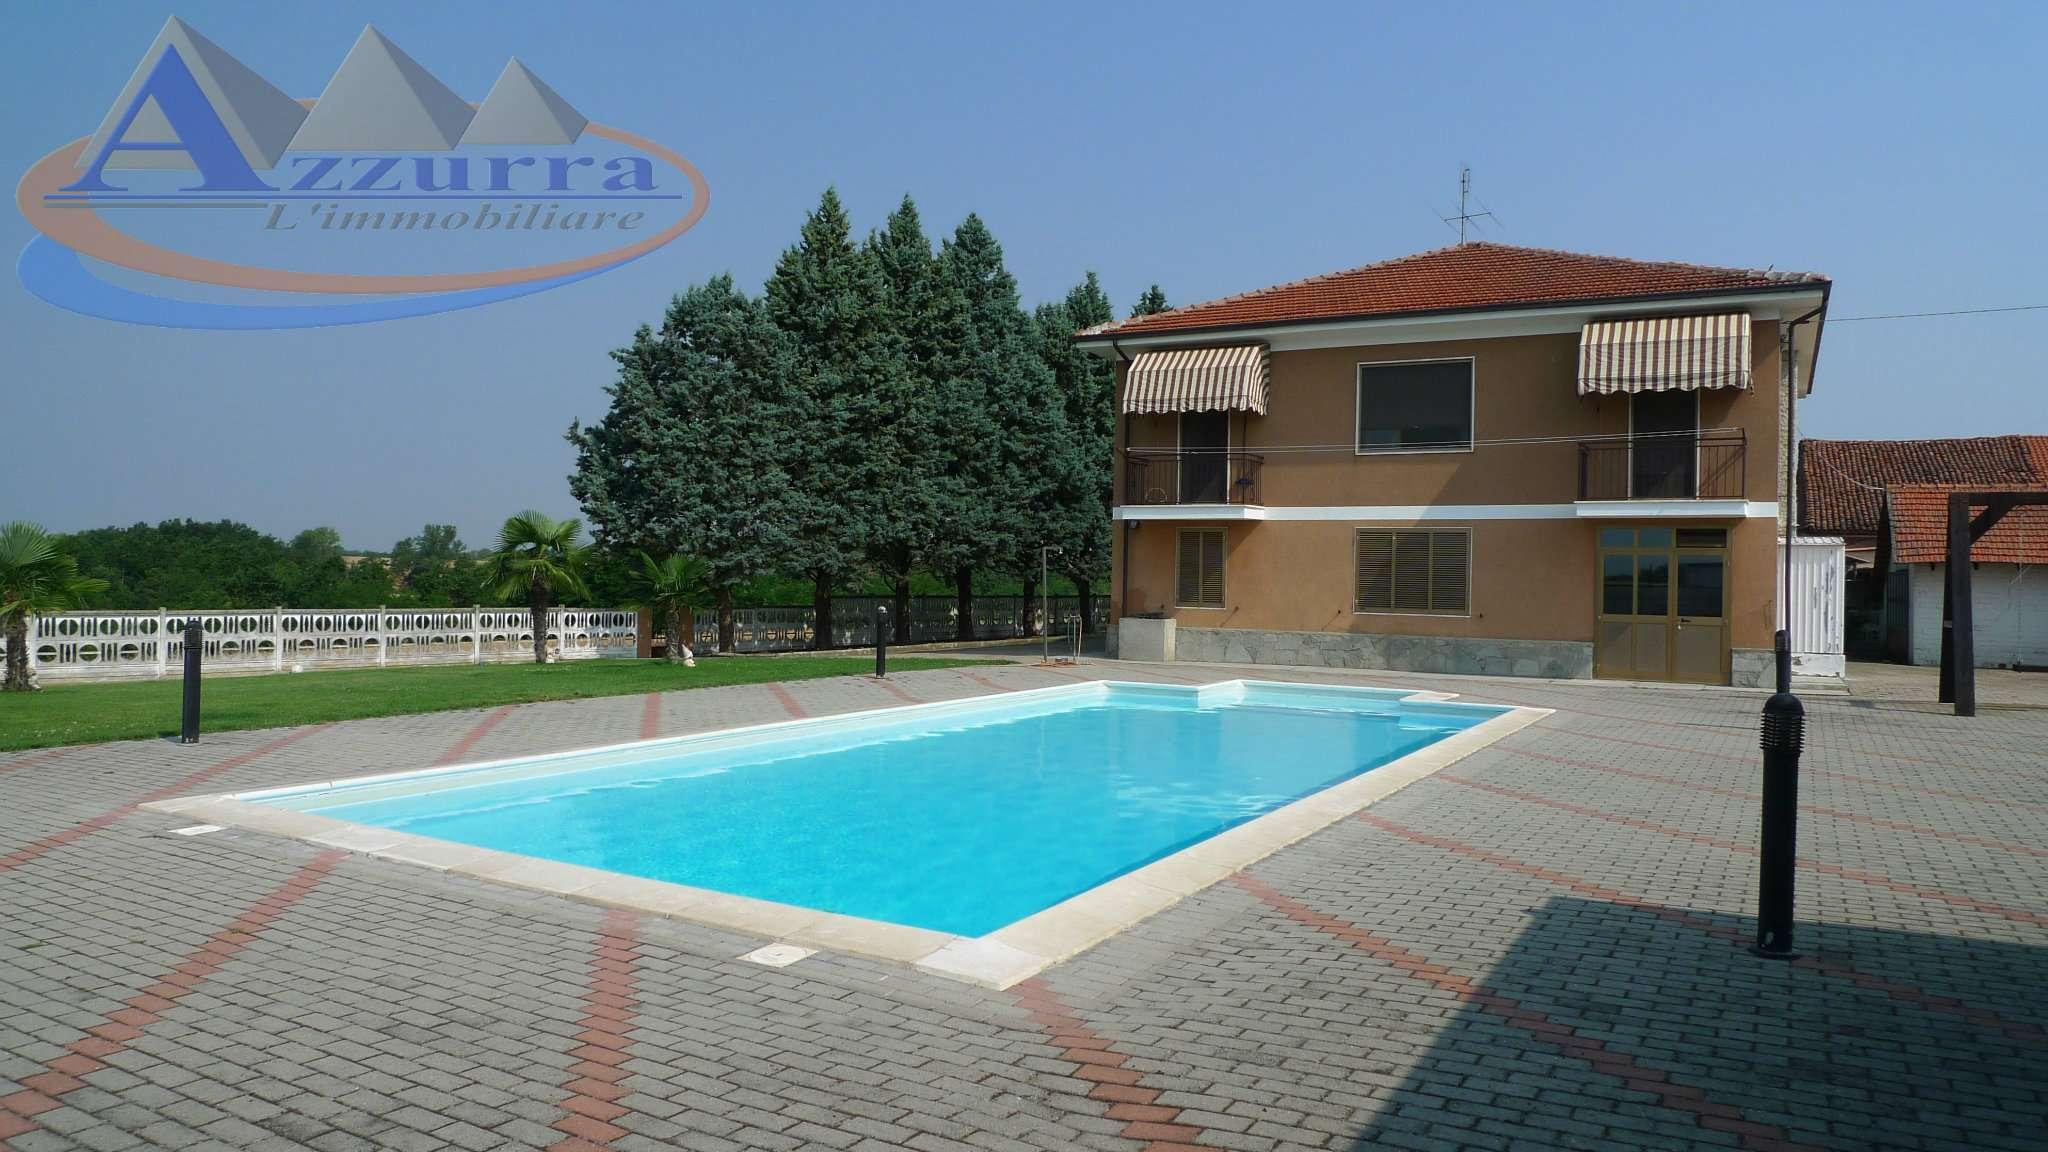 Villa in vendita a Gamalero, 11 locali, prezzo € 350.000 | CambioCasa.it